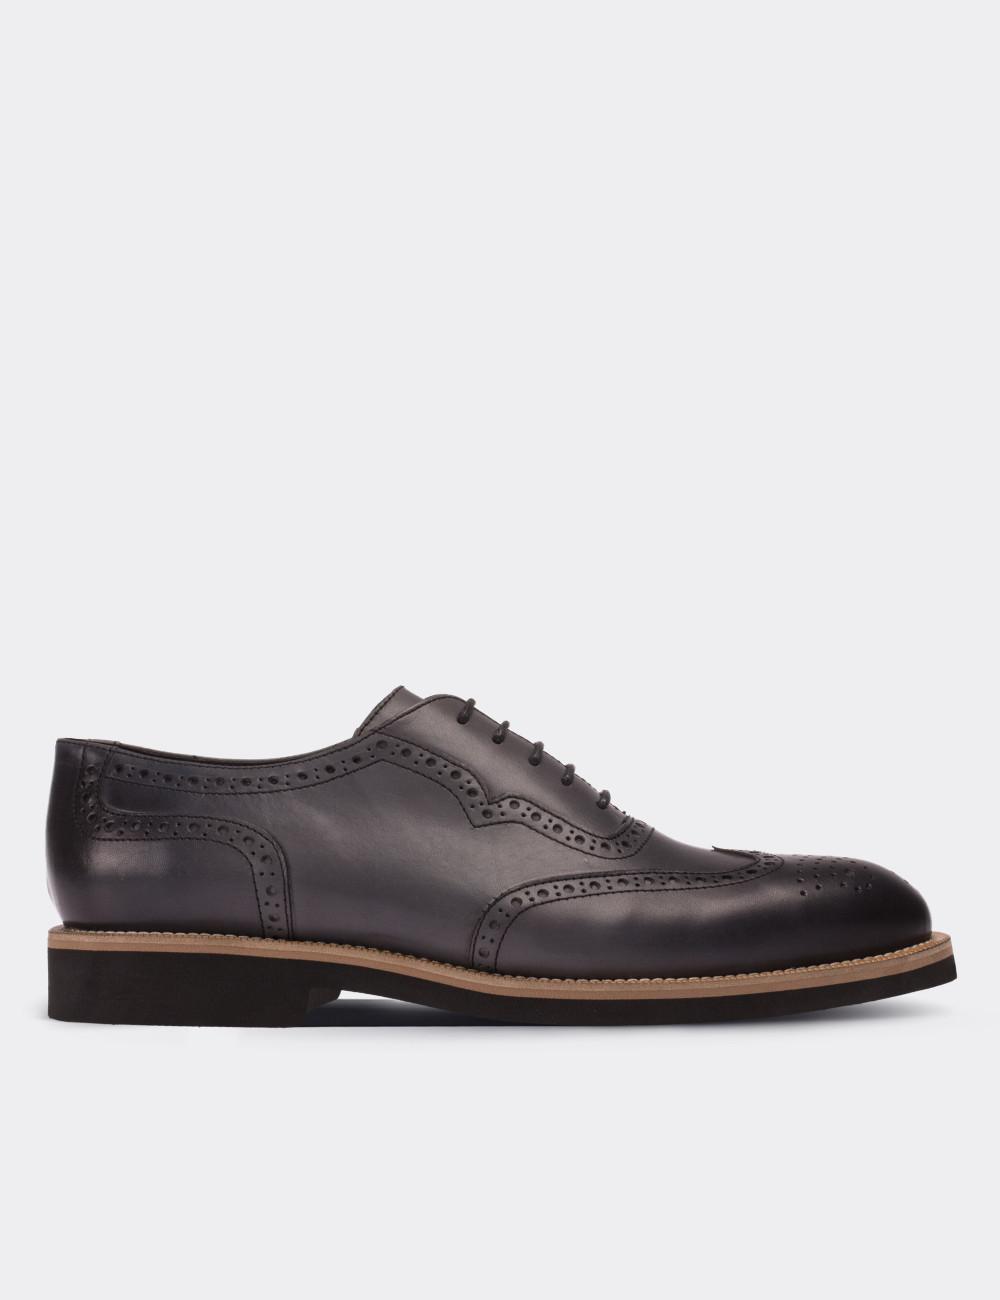 Hakiki Deri Gri Günlük Erkek Ayakkabı - 01676MGRIE01